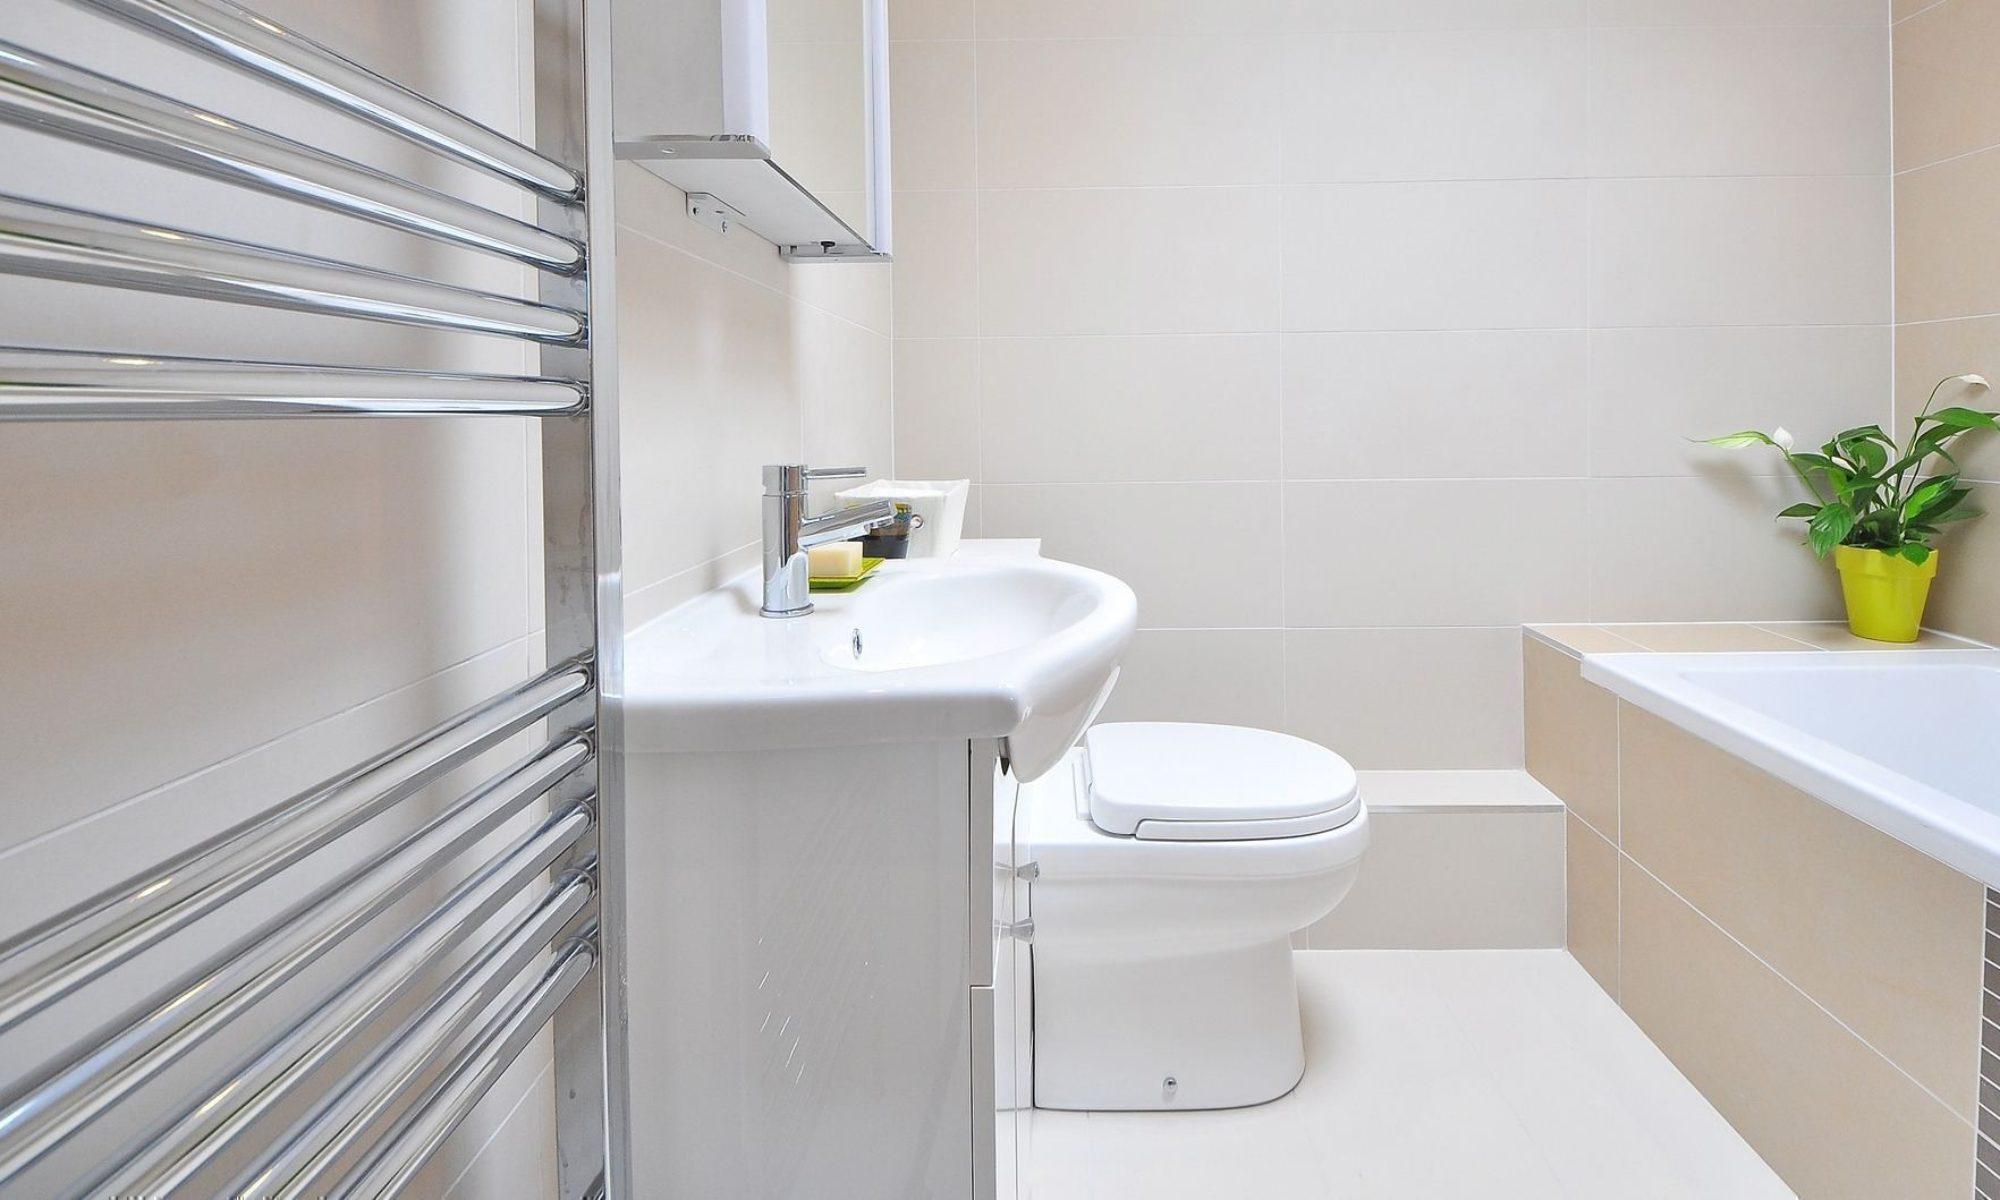 Dépannage WC Sanibroyeur bouché Paris, Débouchage toilette broyeur, Tarif, devis.